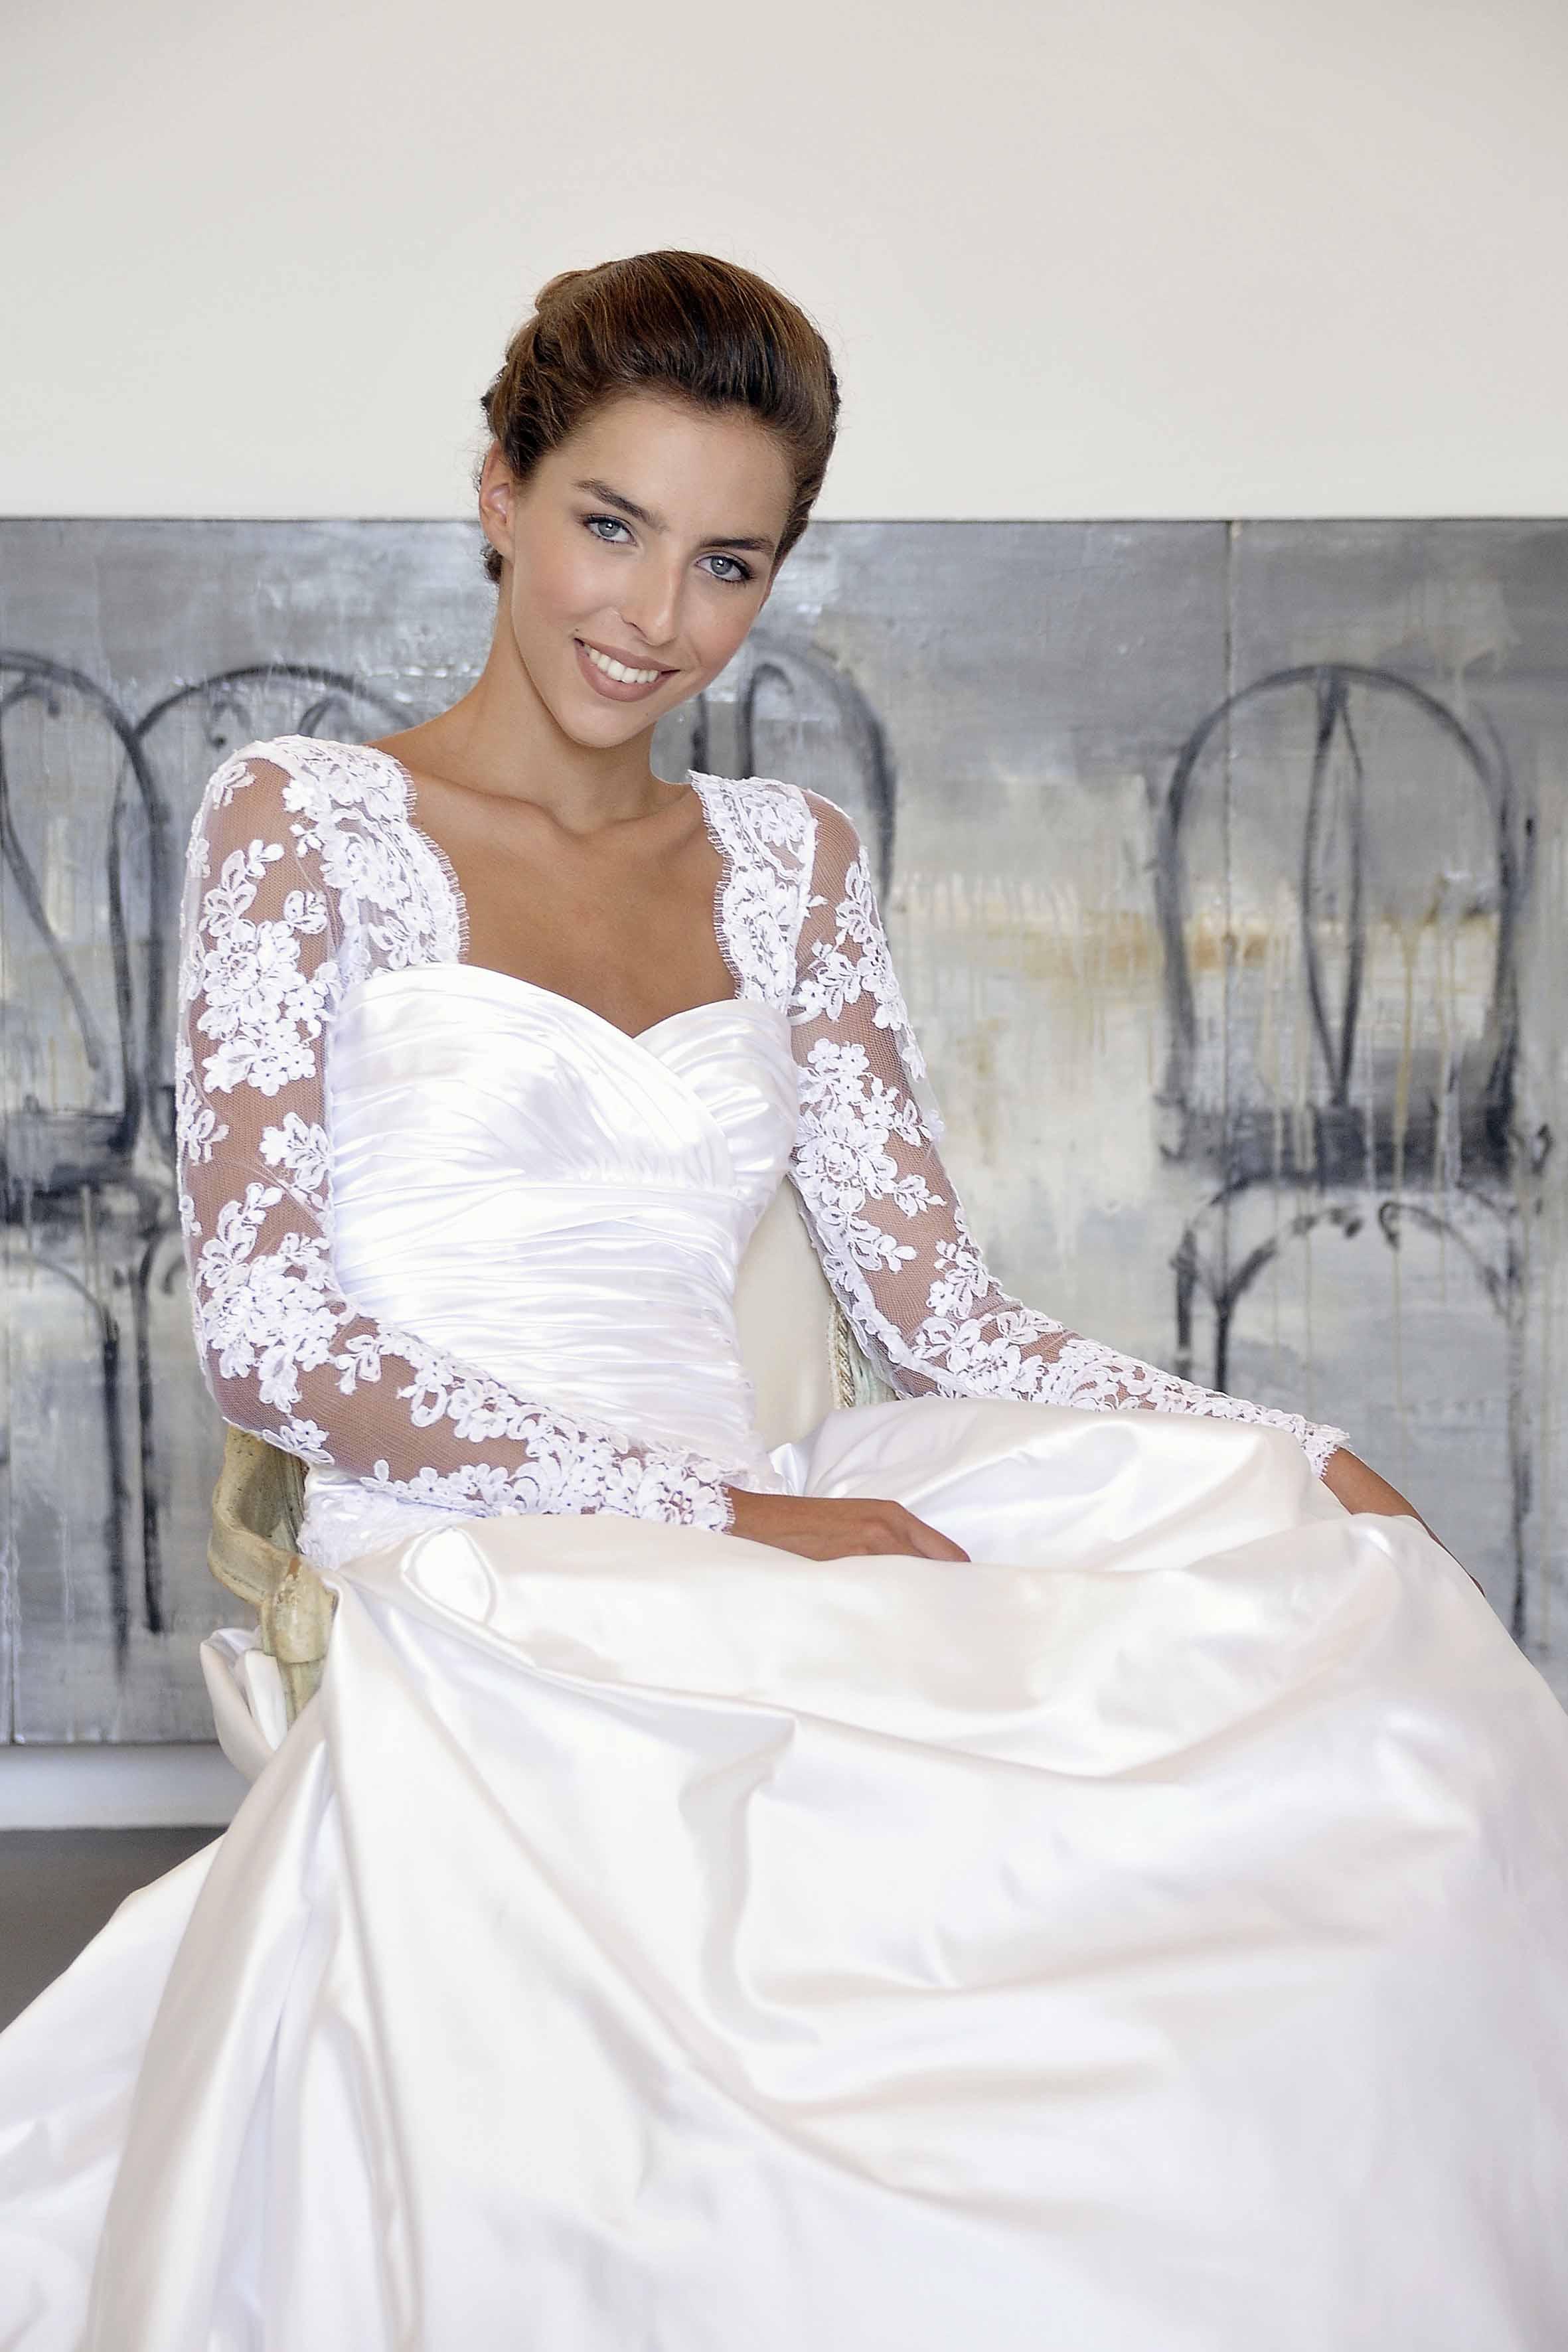 Vestiti Da Sposa Firenze.Abiti Da Sposa Mariage Haute Couture Atelier Firenze Collezioni